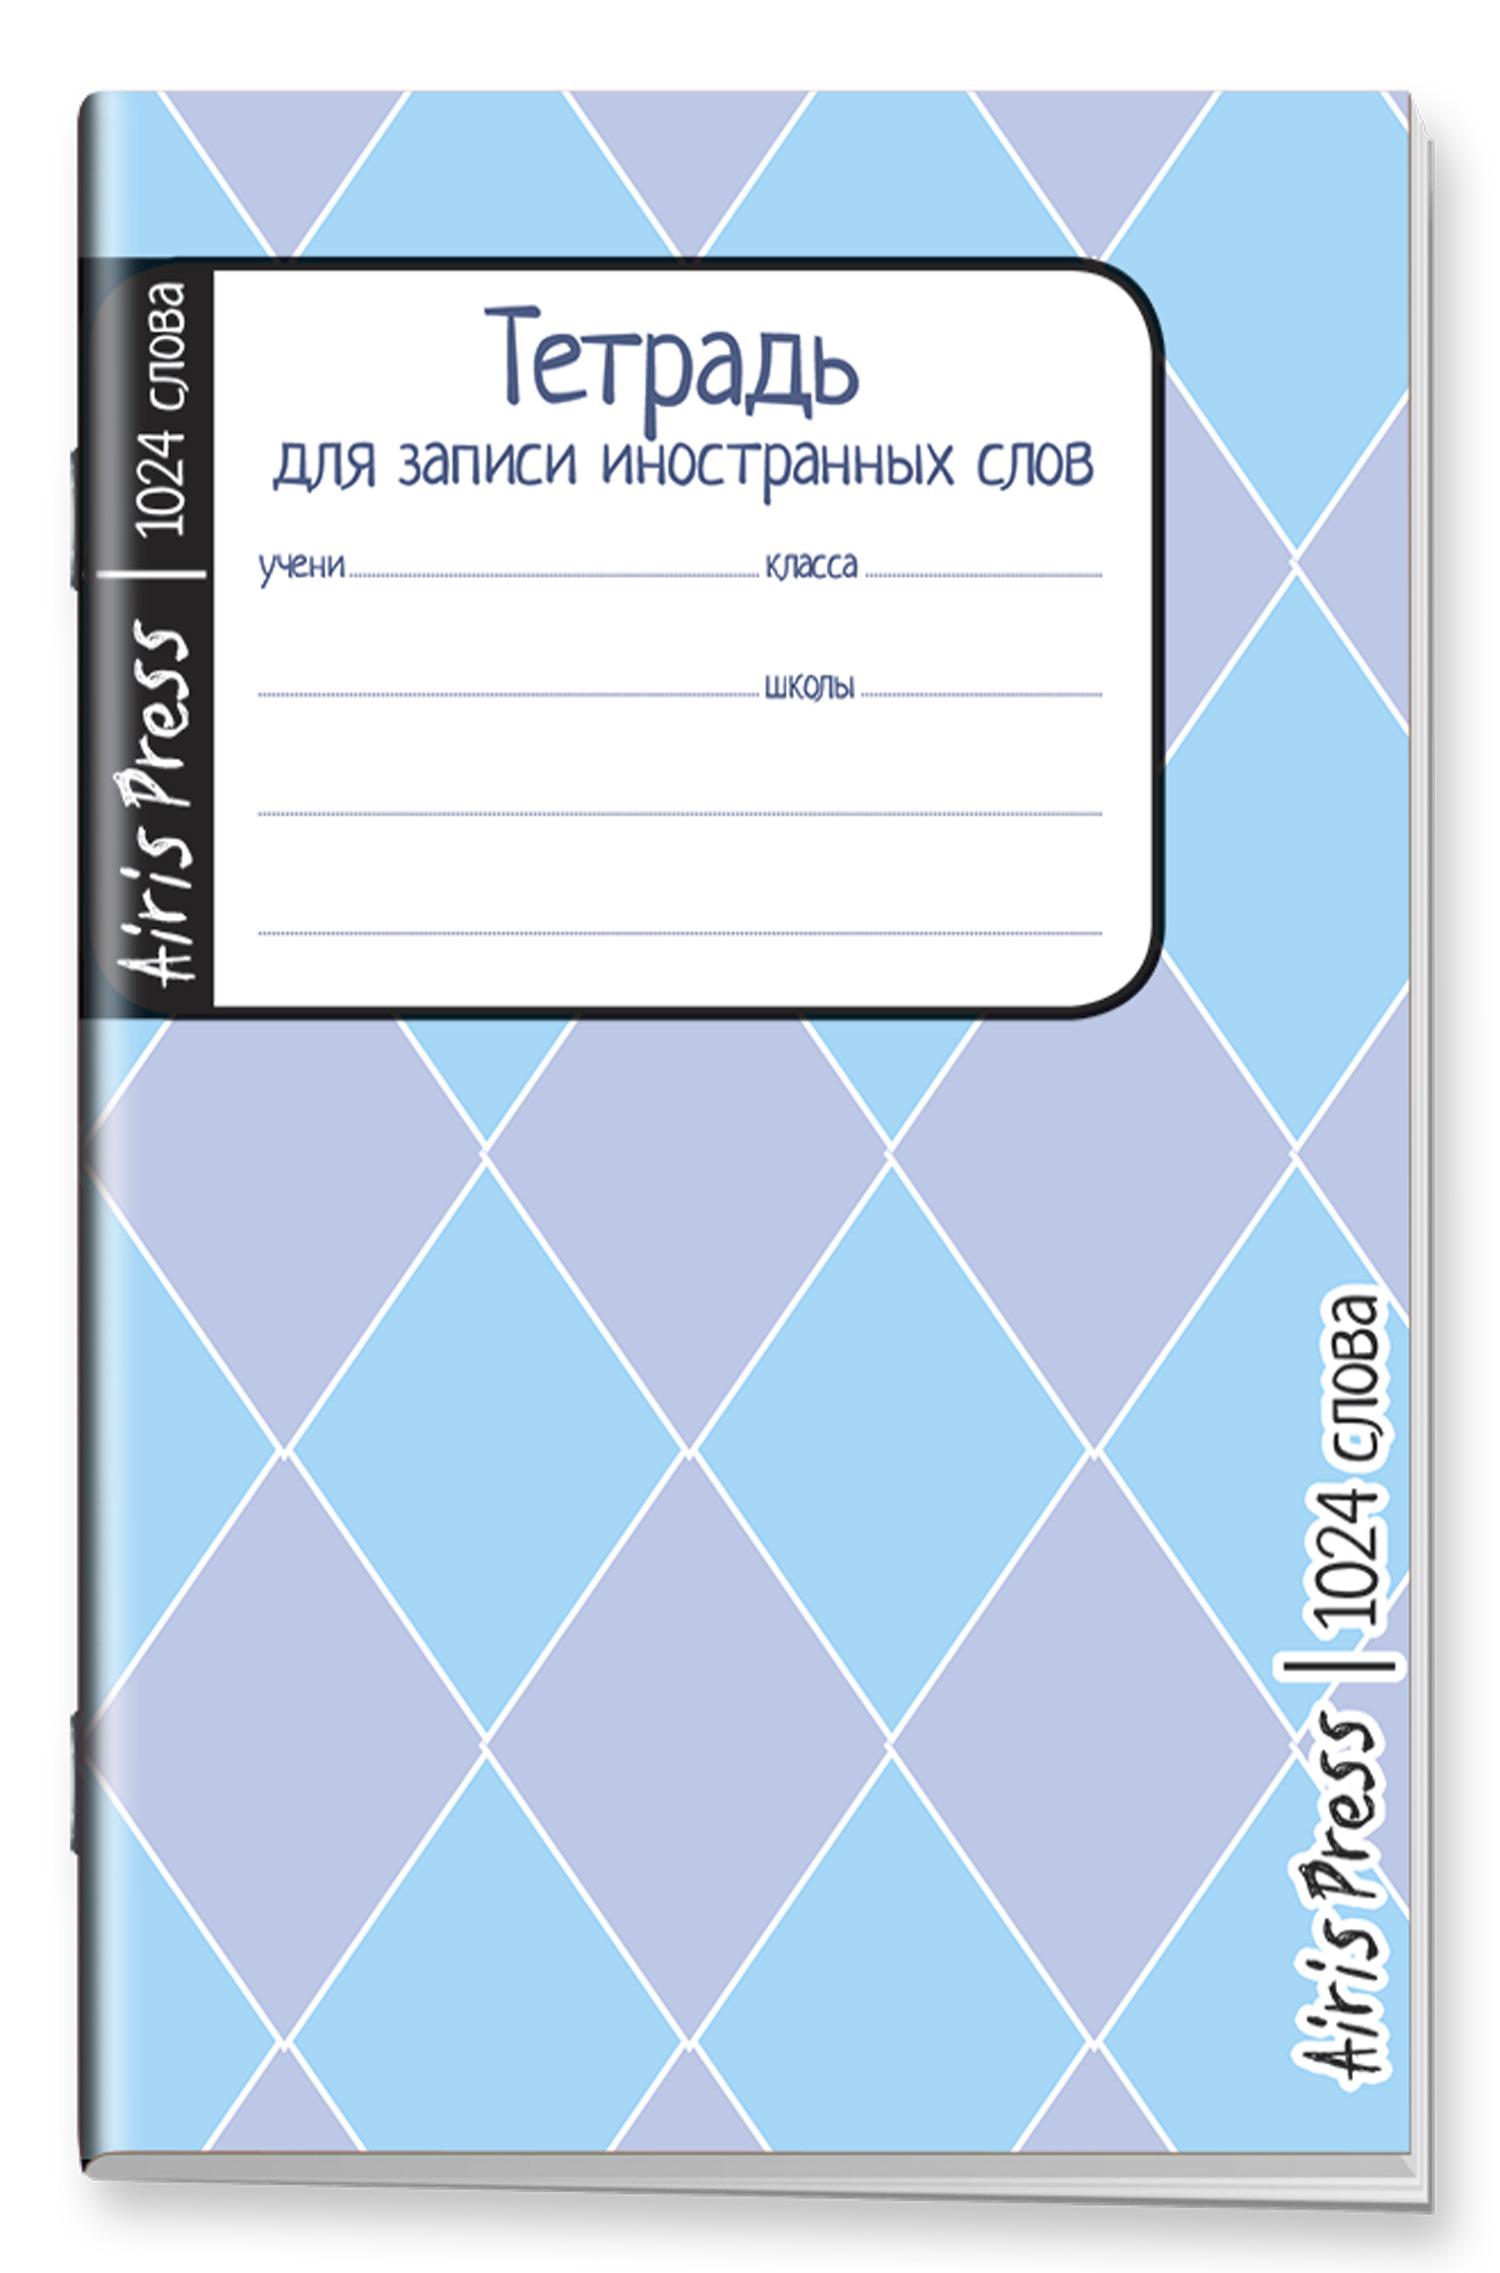 Тетрадь школьная для записи иностранных слов (Голубые ромбы)